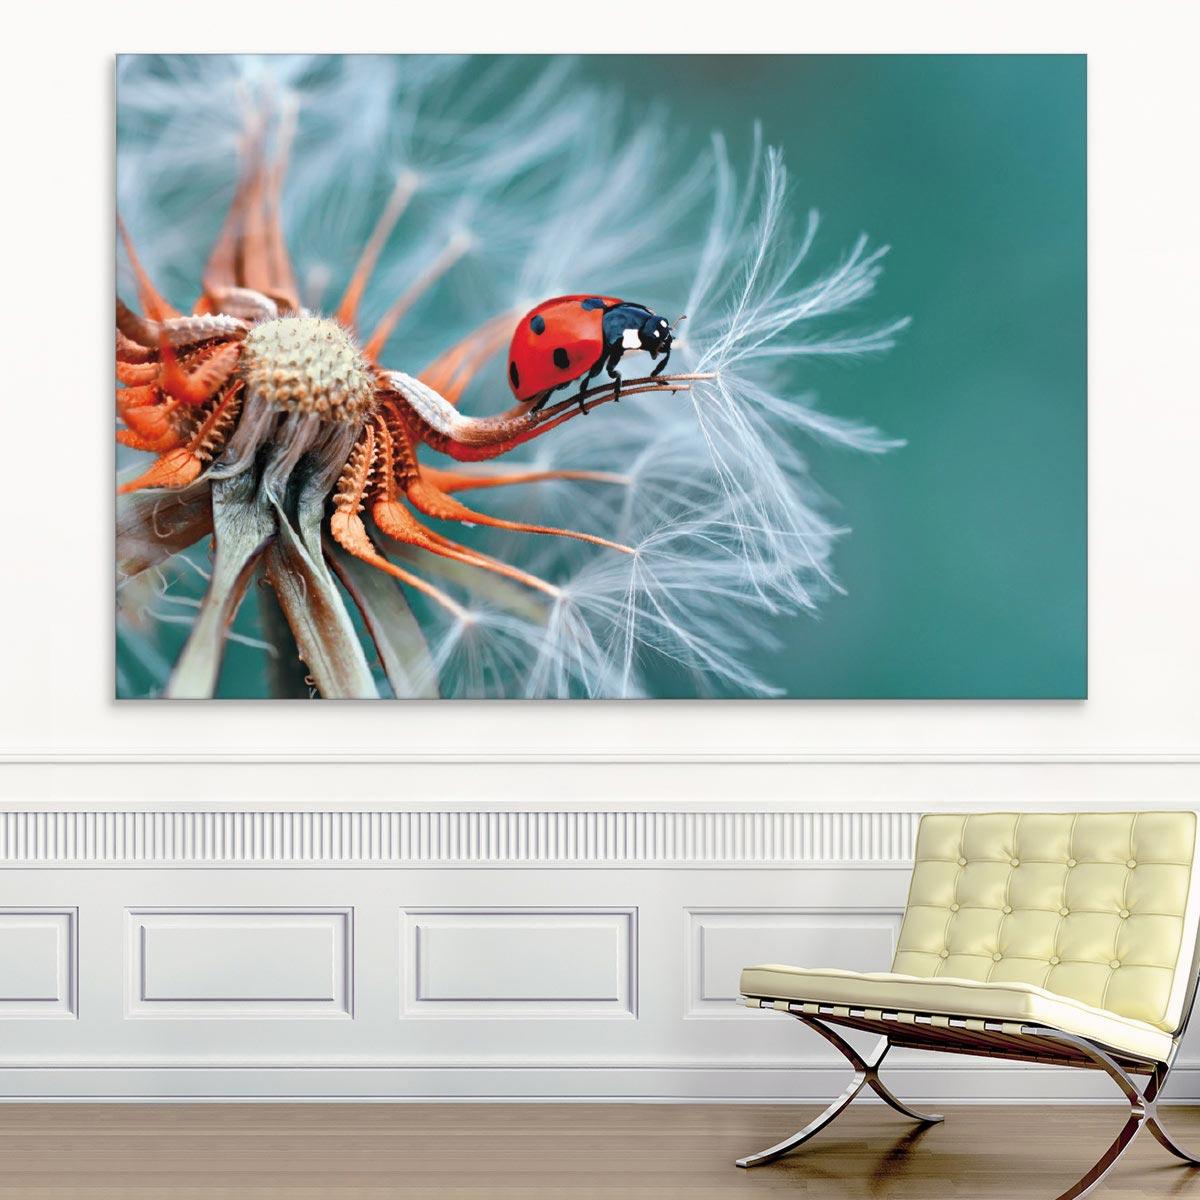 Akustikbild Marienkäfer auf einer Pusteblume